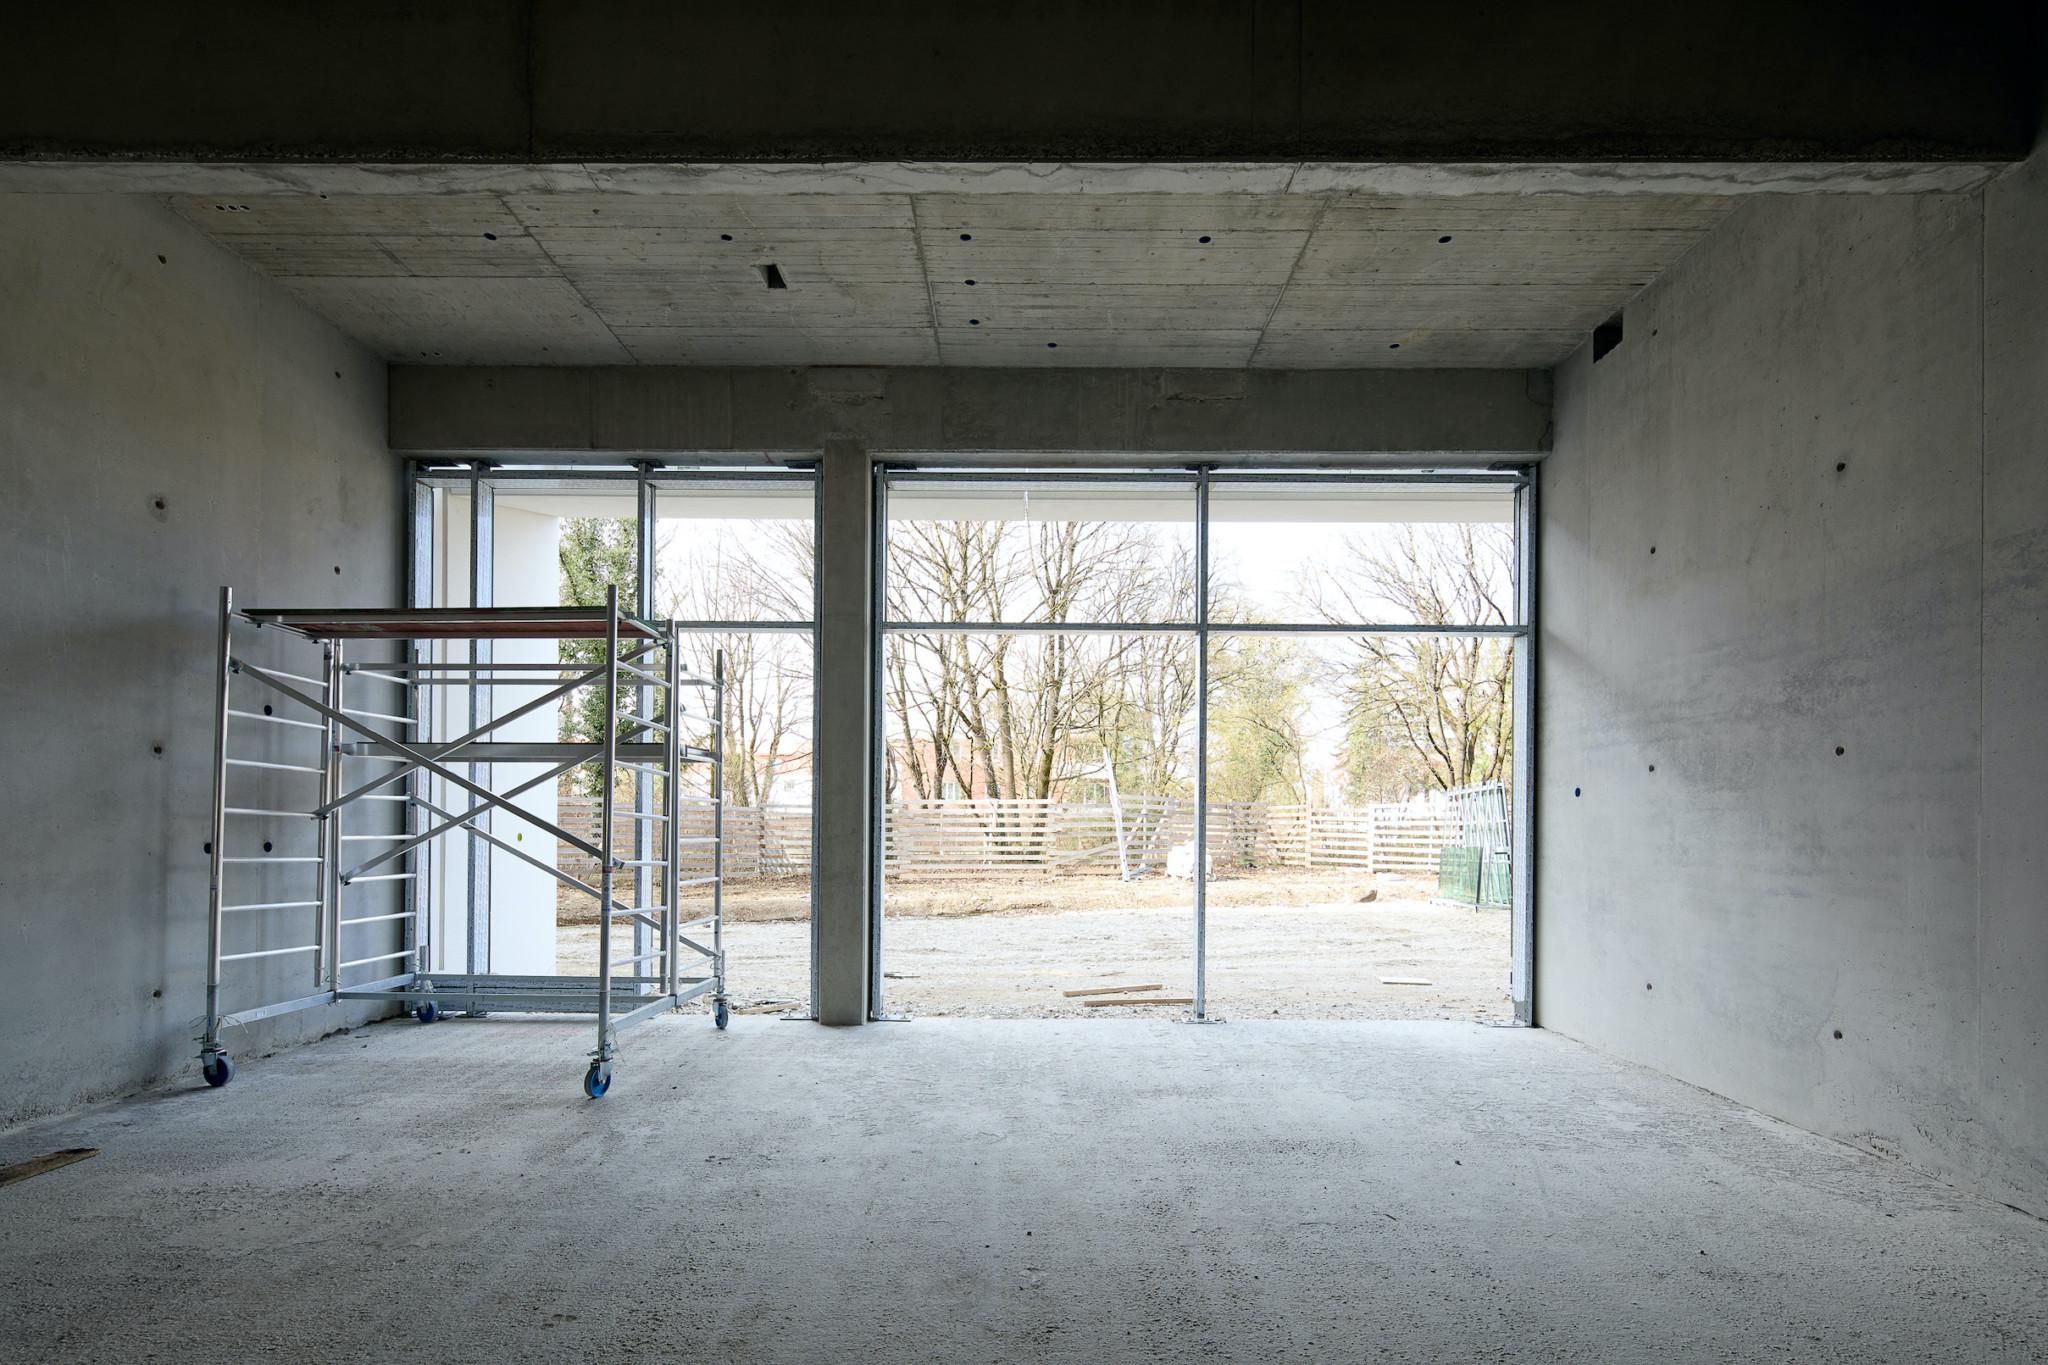 Ein großer leerer Raum im Rohbau. Die raumgroßen Fenster zeigen auf Bäume. Ein Gerüst steht auf der linken Bildseite.